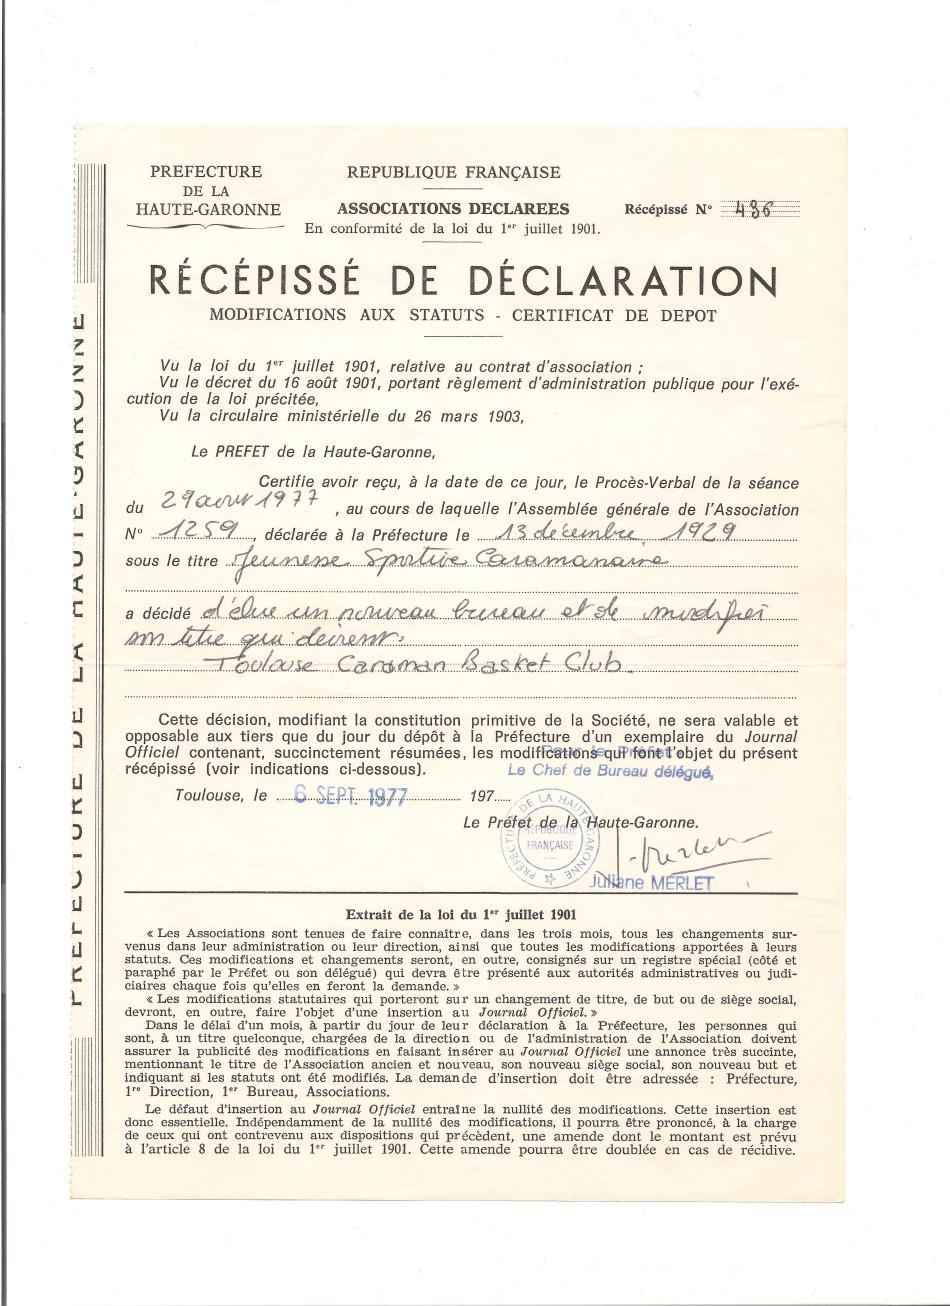 Caraman - 1977 - Récipissé de déclaration union